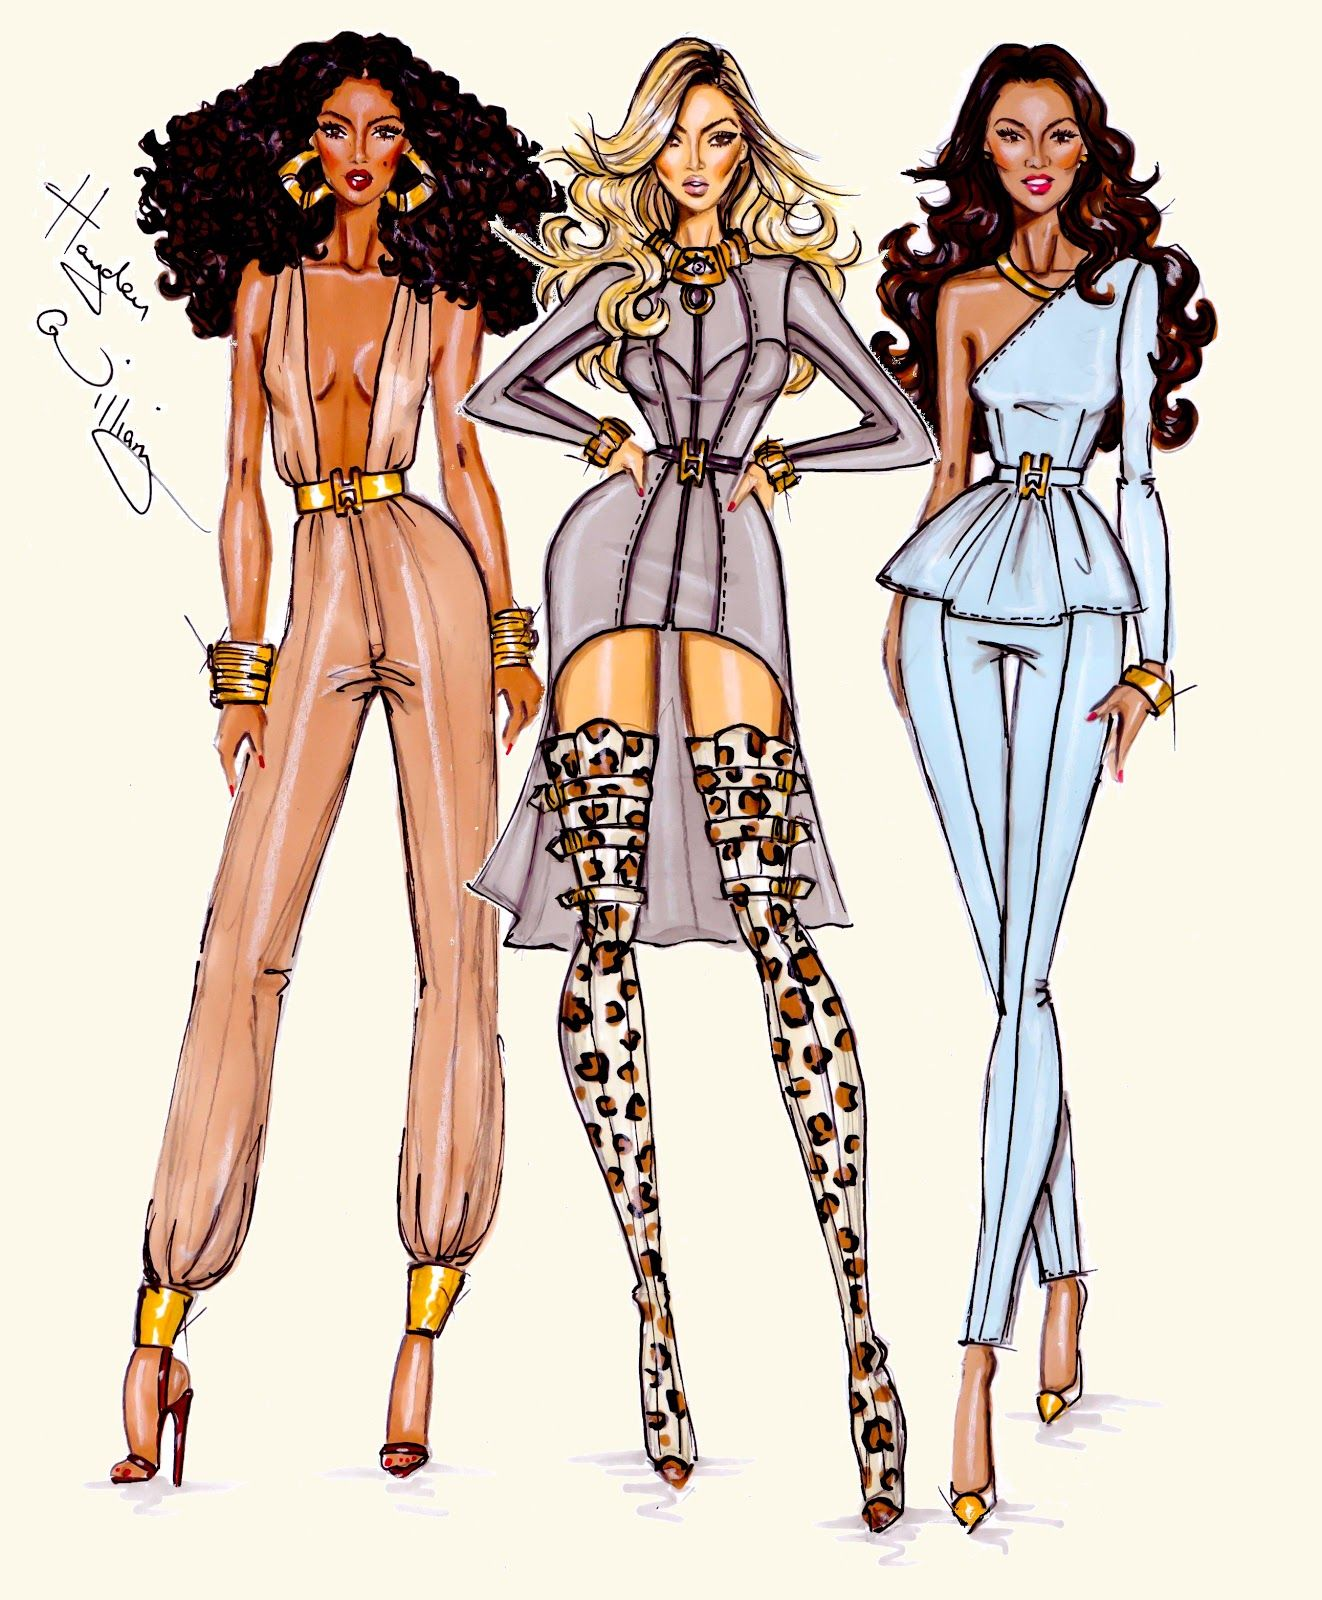 Destiny's Child by Hayden Williams